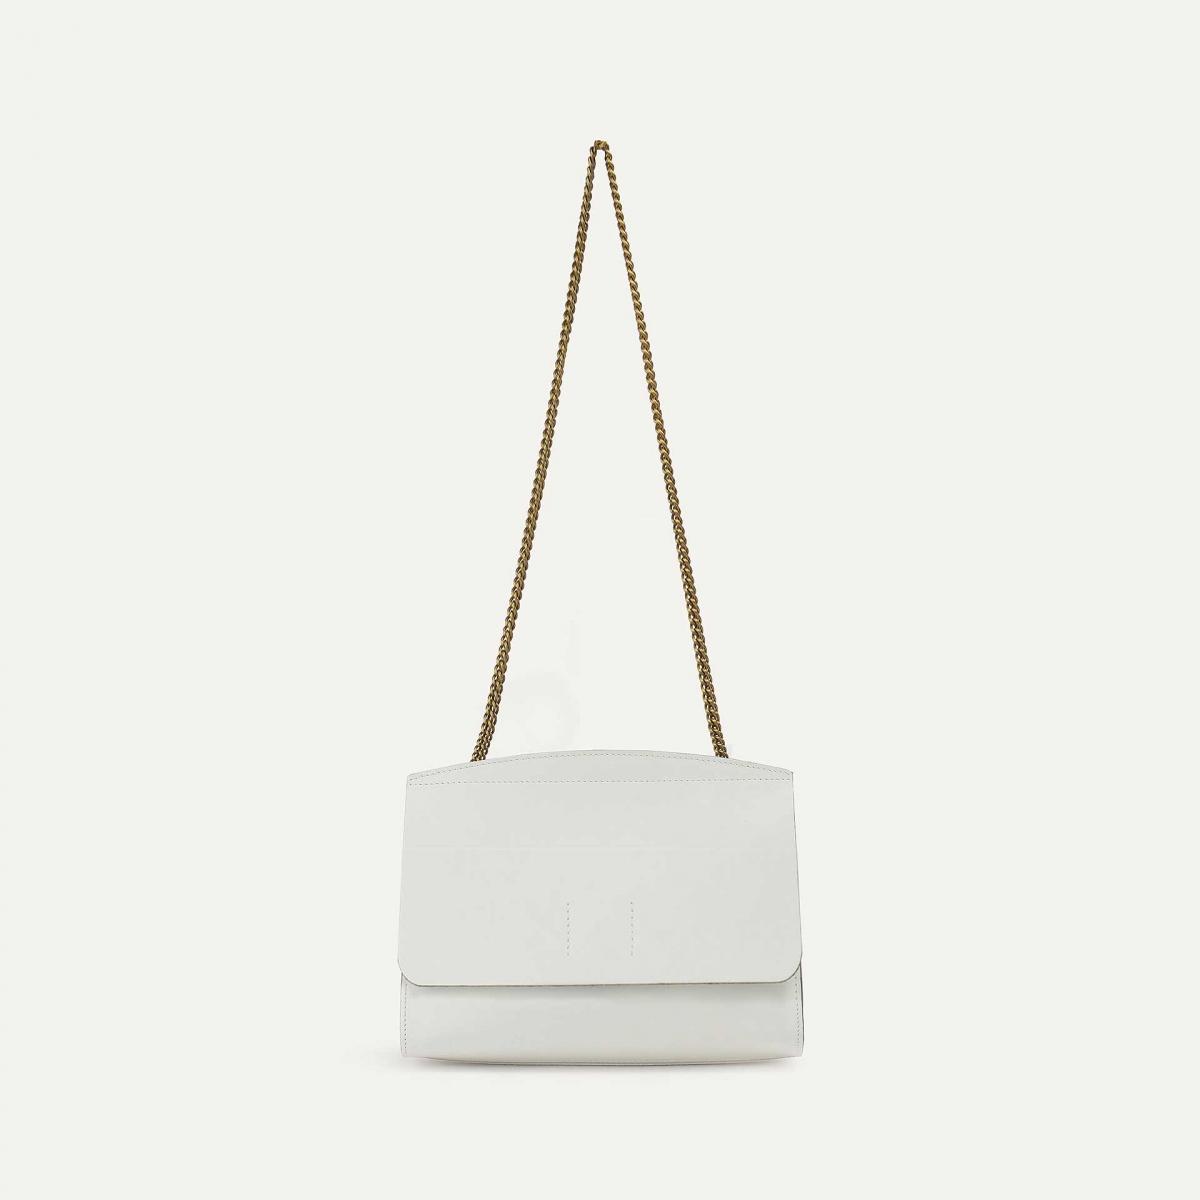 Origami XS clutch bag - White (image n°3)